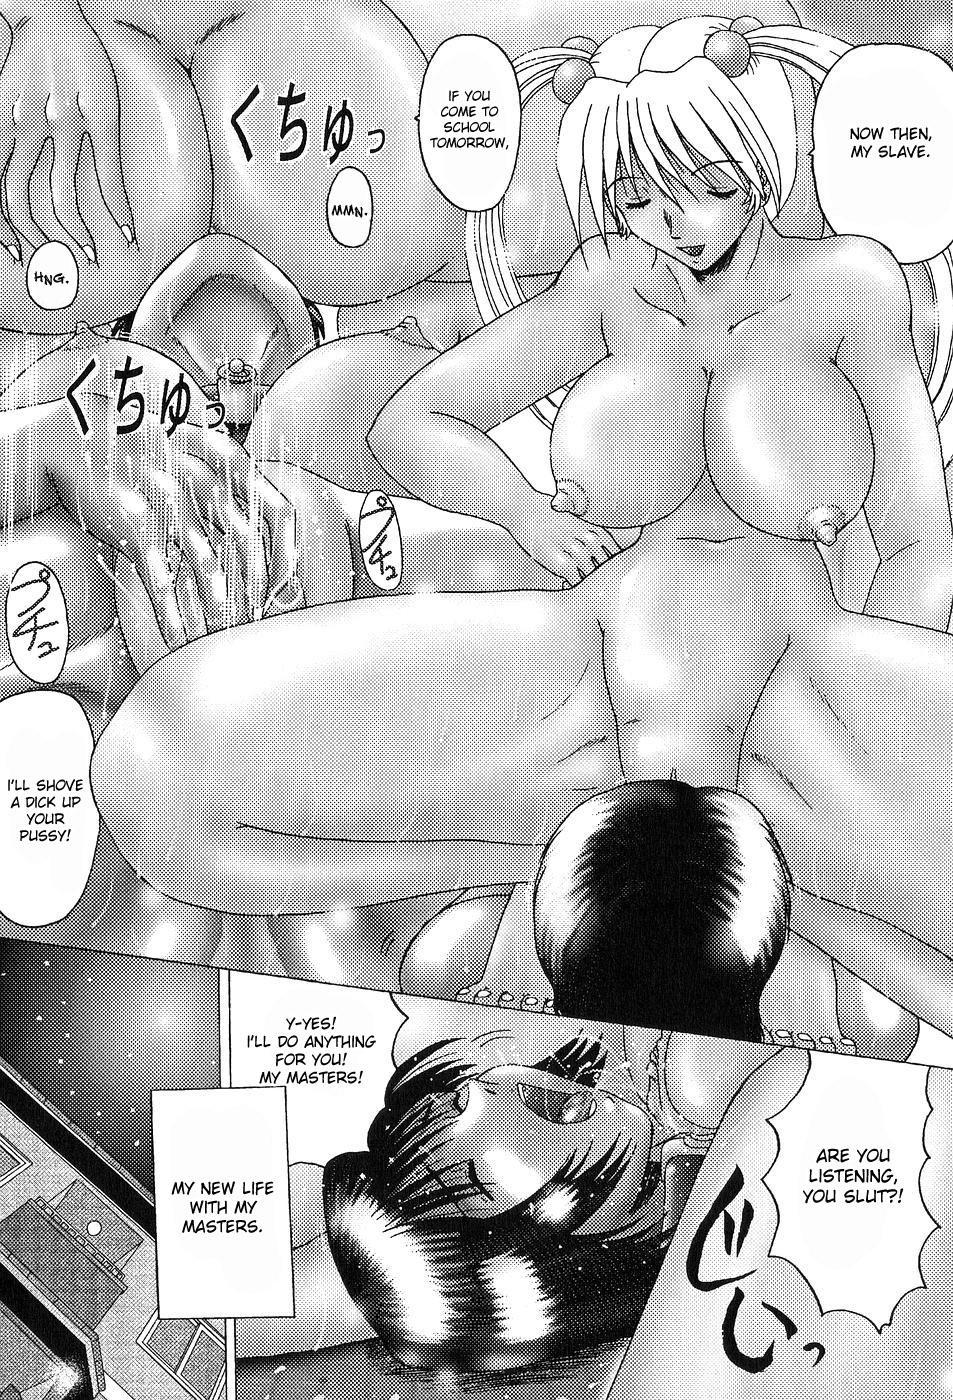 [Onibara] Roshutsu Mazo to Nikutai Joousama - Queen & Slave Ch. 1-5 [English] [desudesu] 21